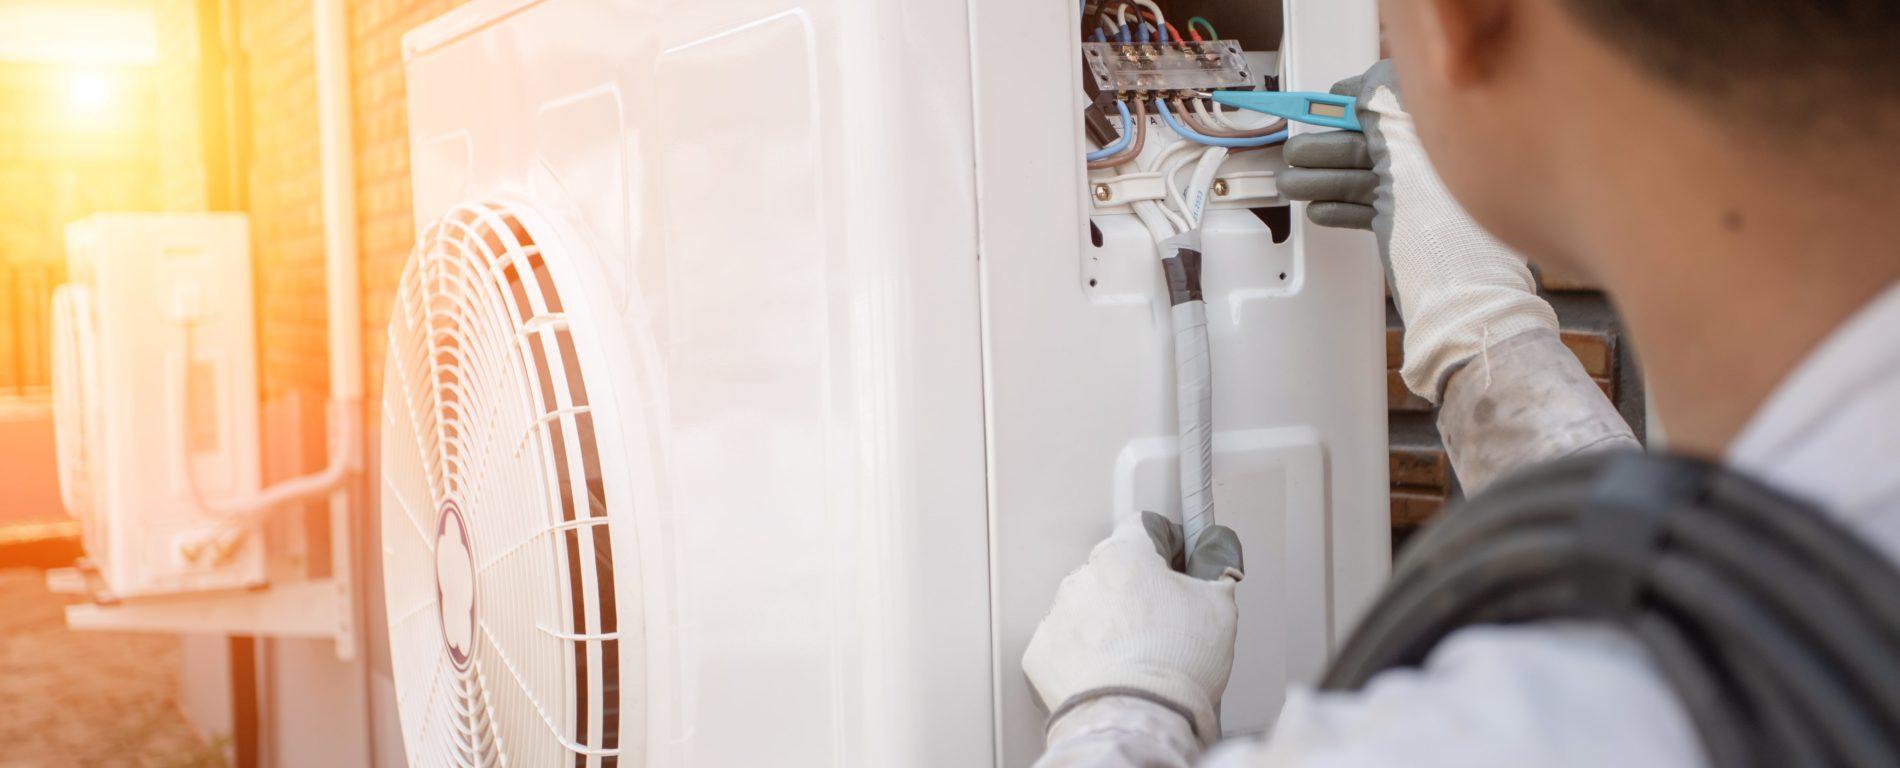 pompe à chaleur air eau PAC installation remplacement